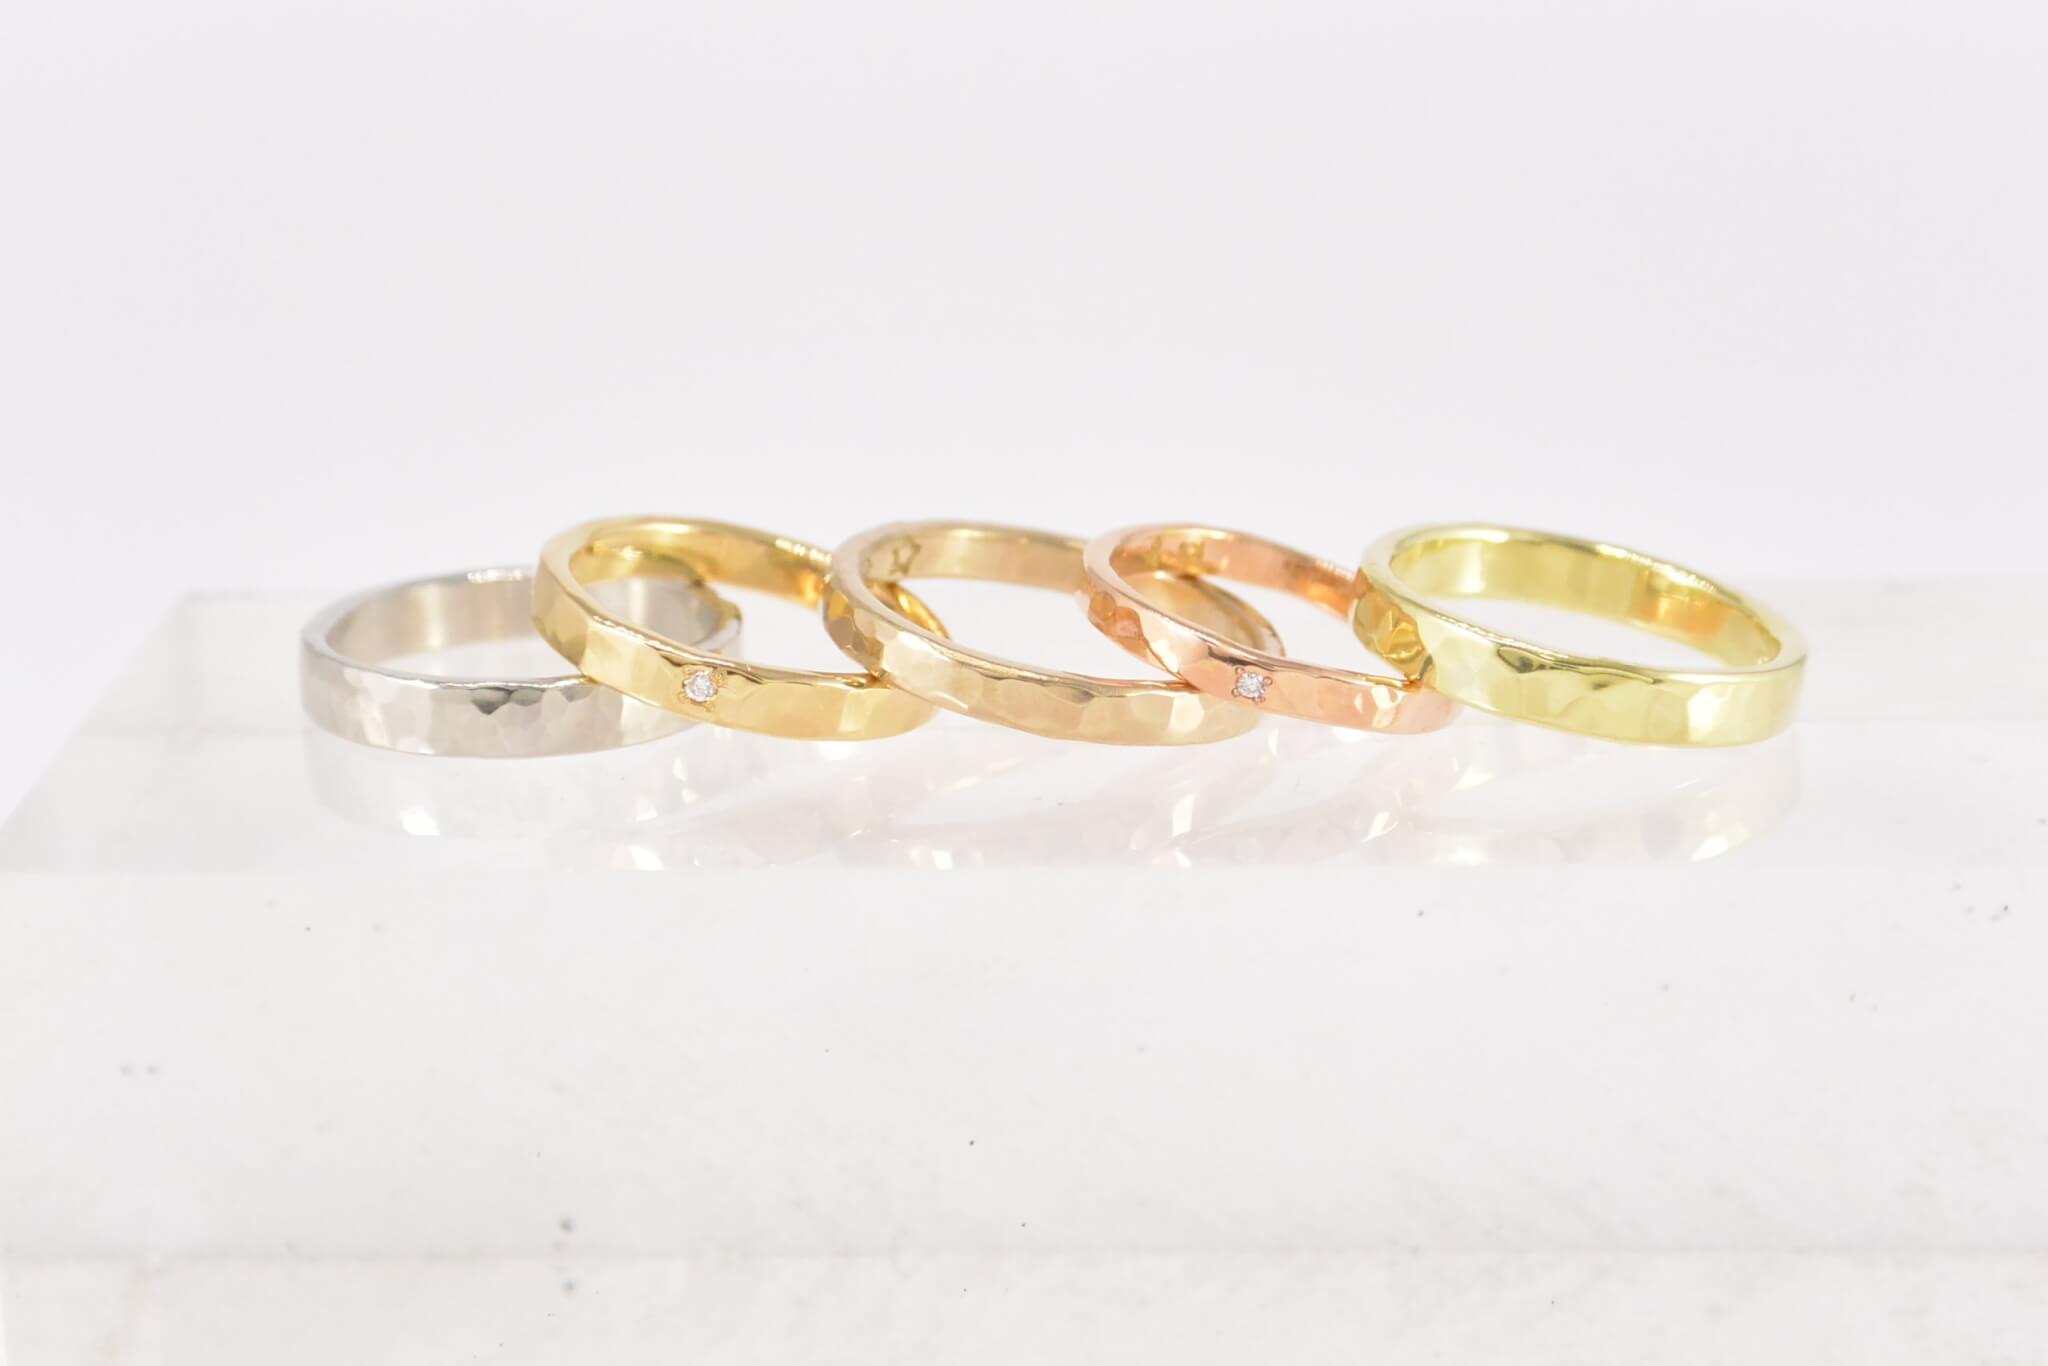 槌目の結婚指輪